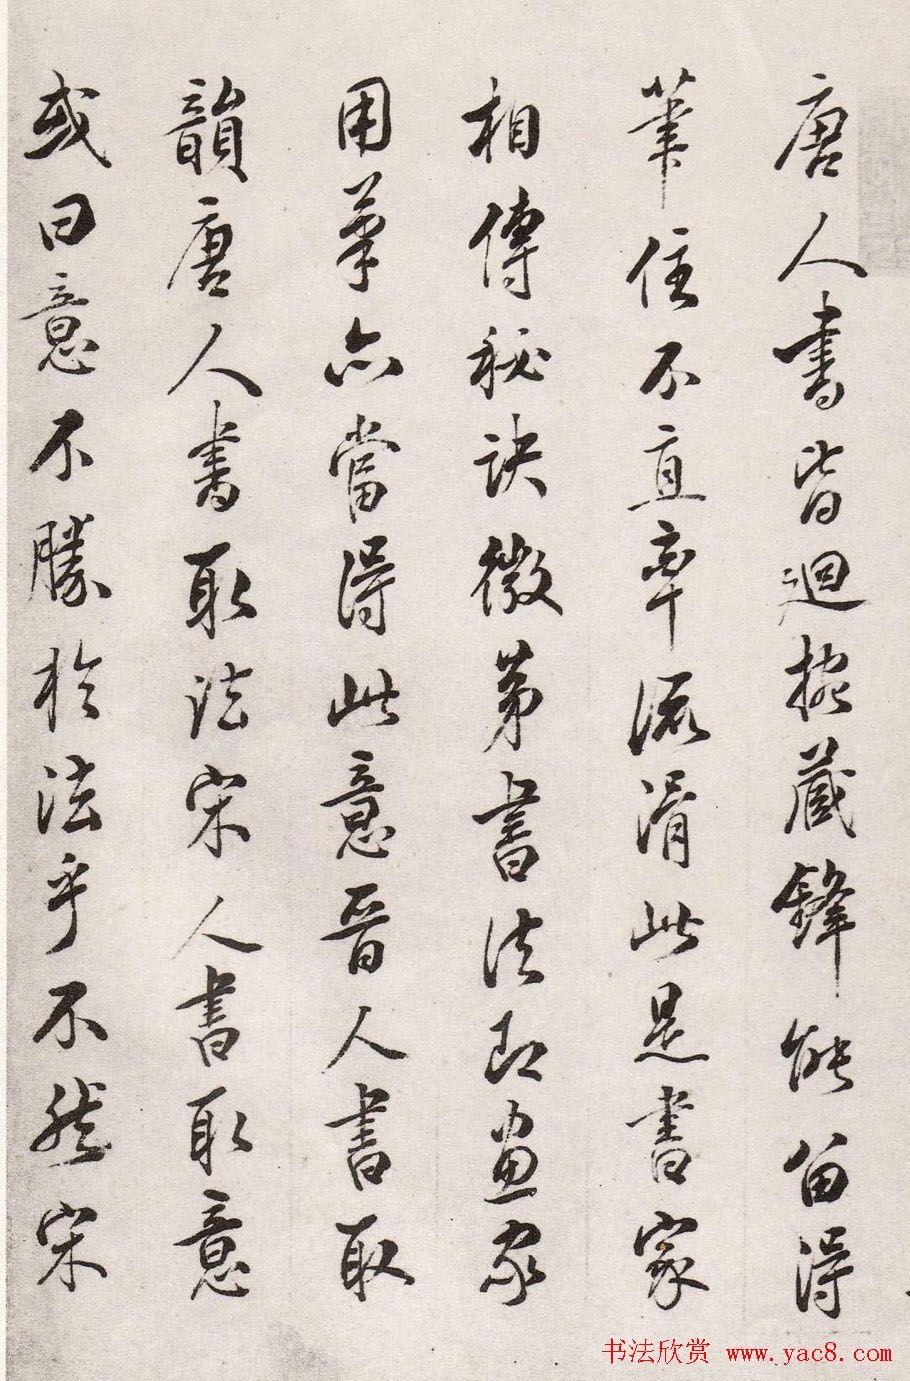 民族英雄林则徐书法欣赏《画禅室随笔》